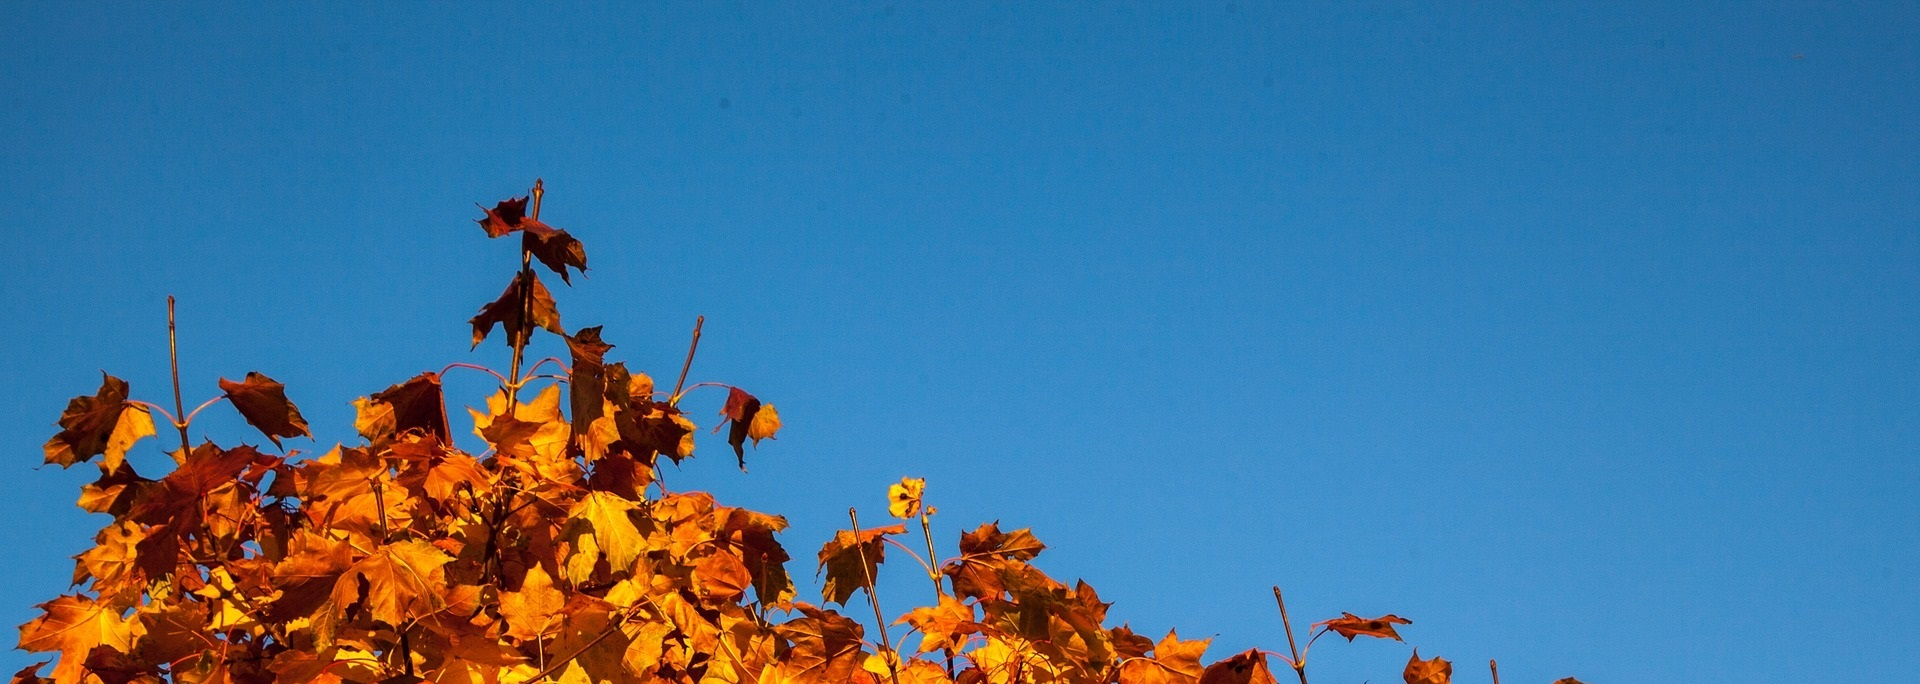 Blå bakgrundsbild, höstlöv